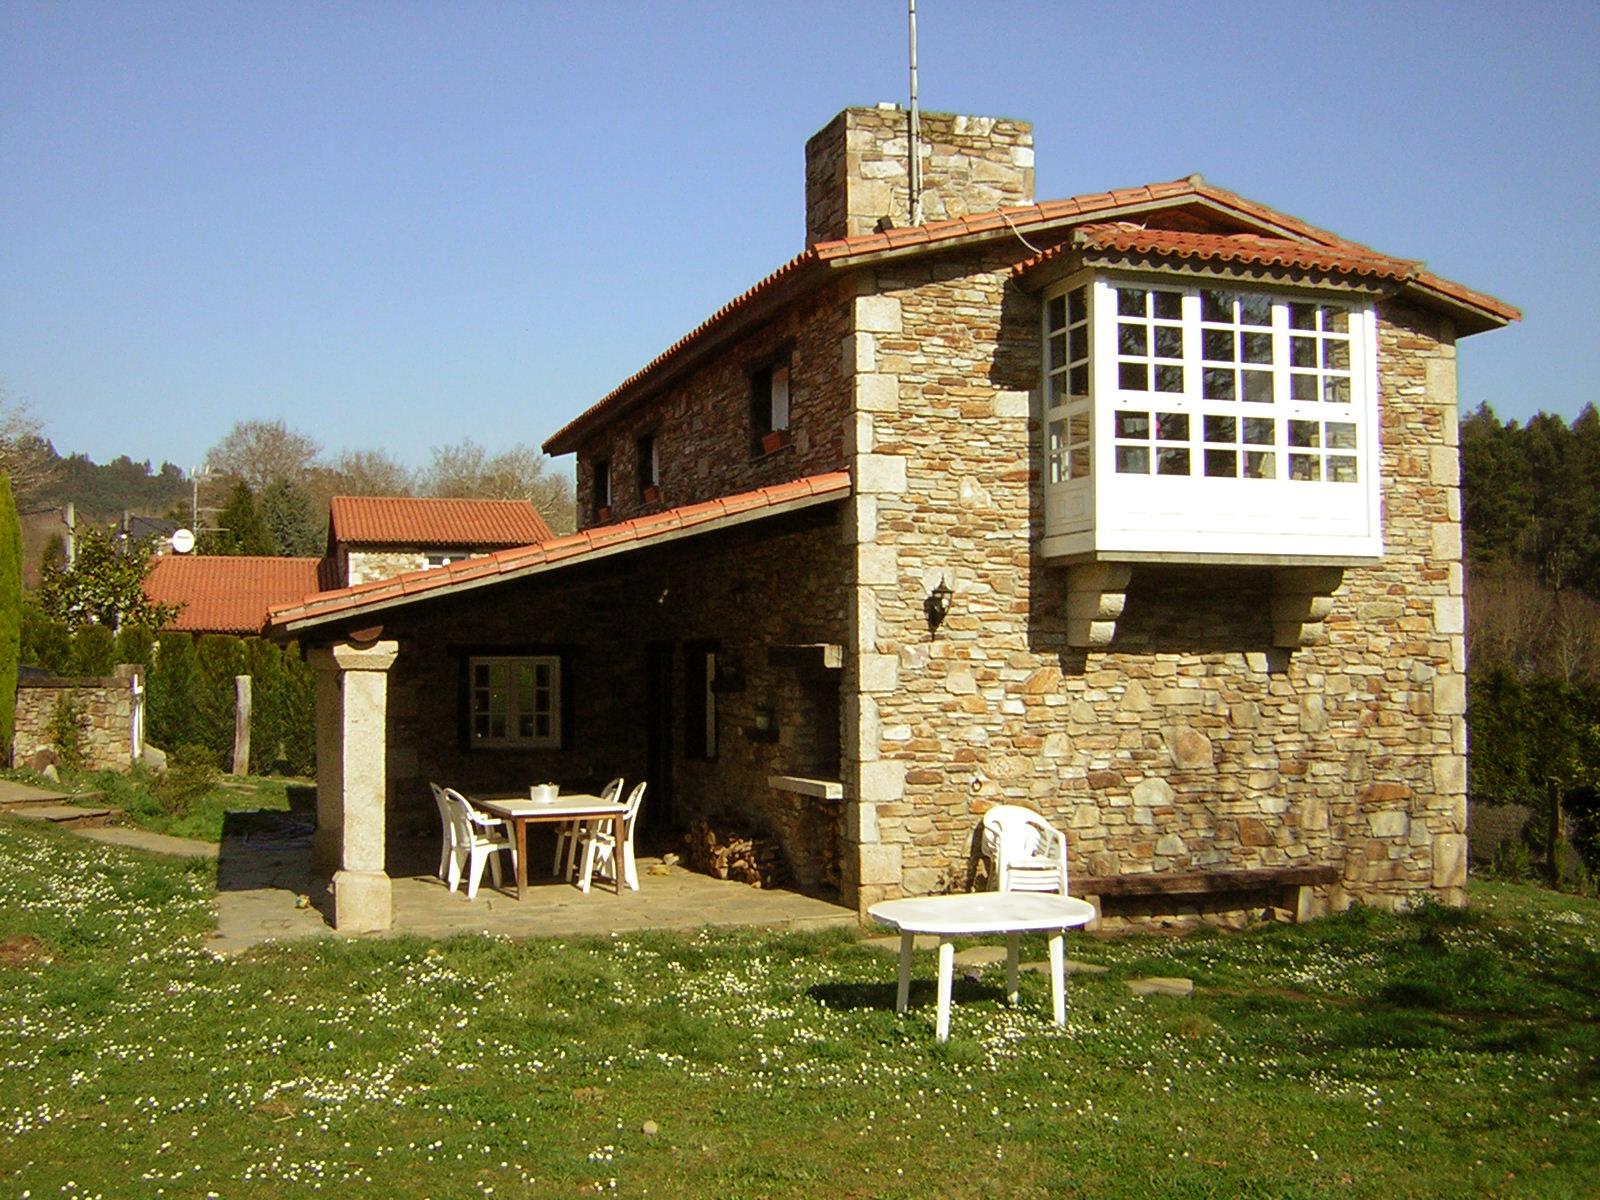 Construcciones r sticas gallegas rois 5 - Casa rusticas gallegas ...